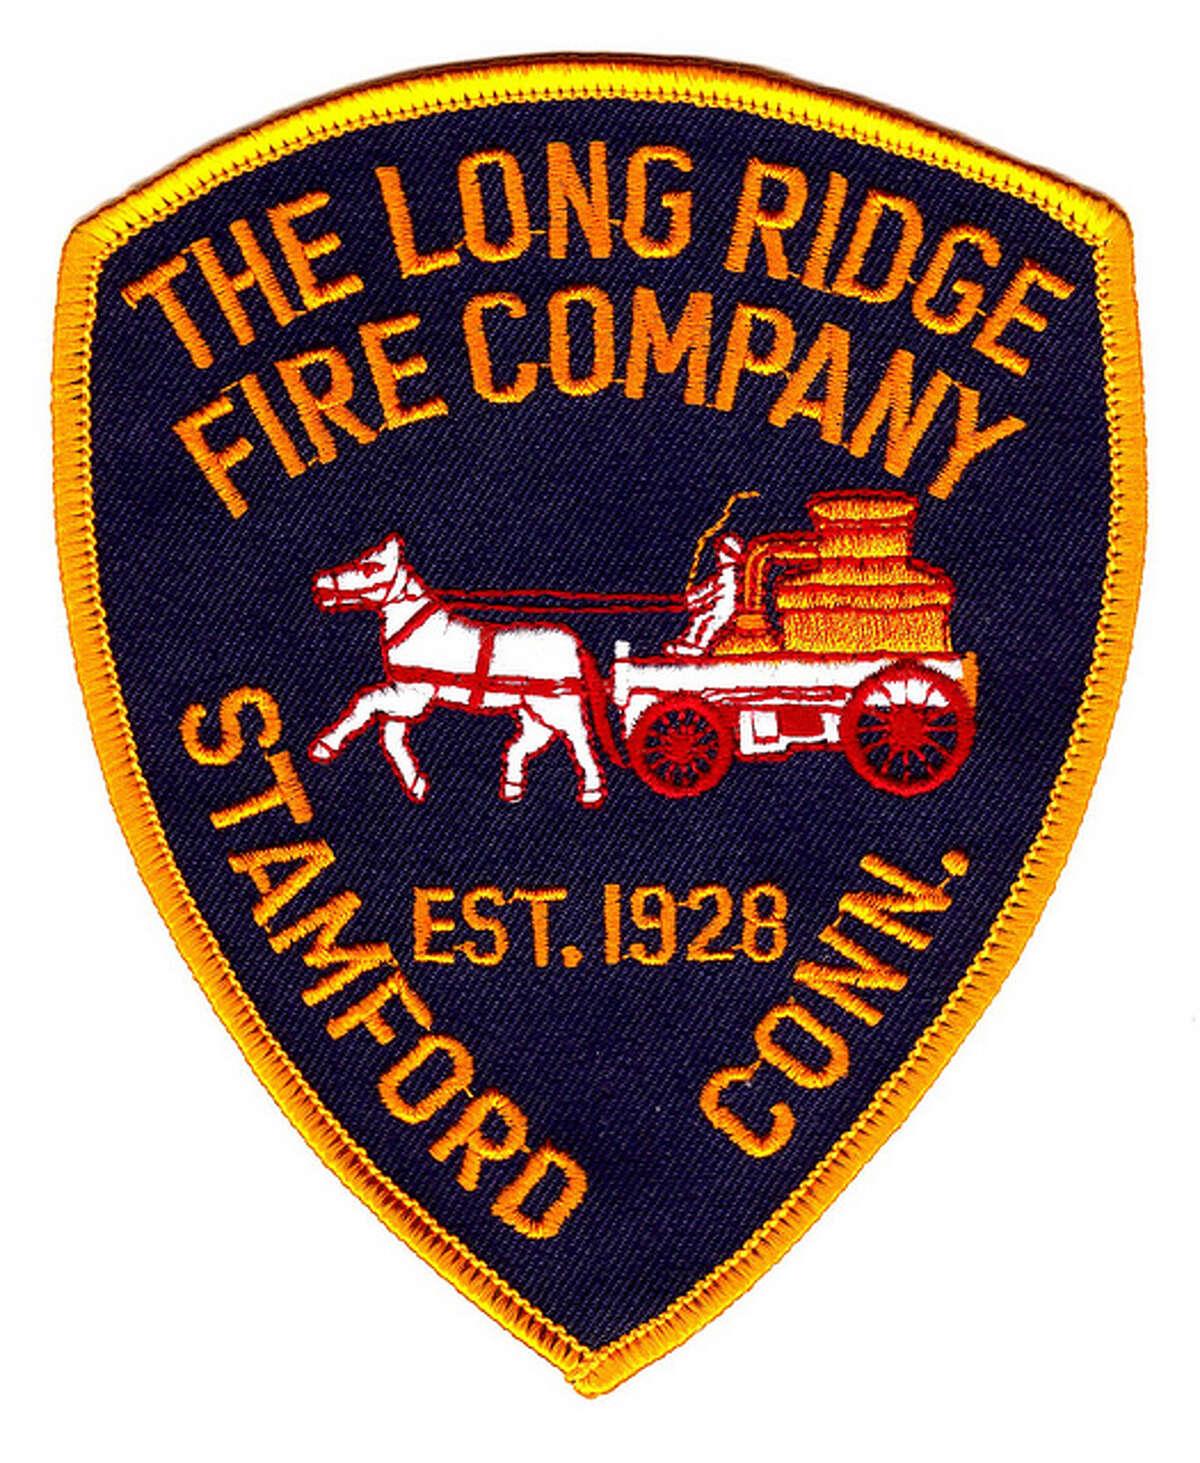 Long Ridge Fire Company